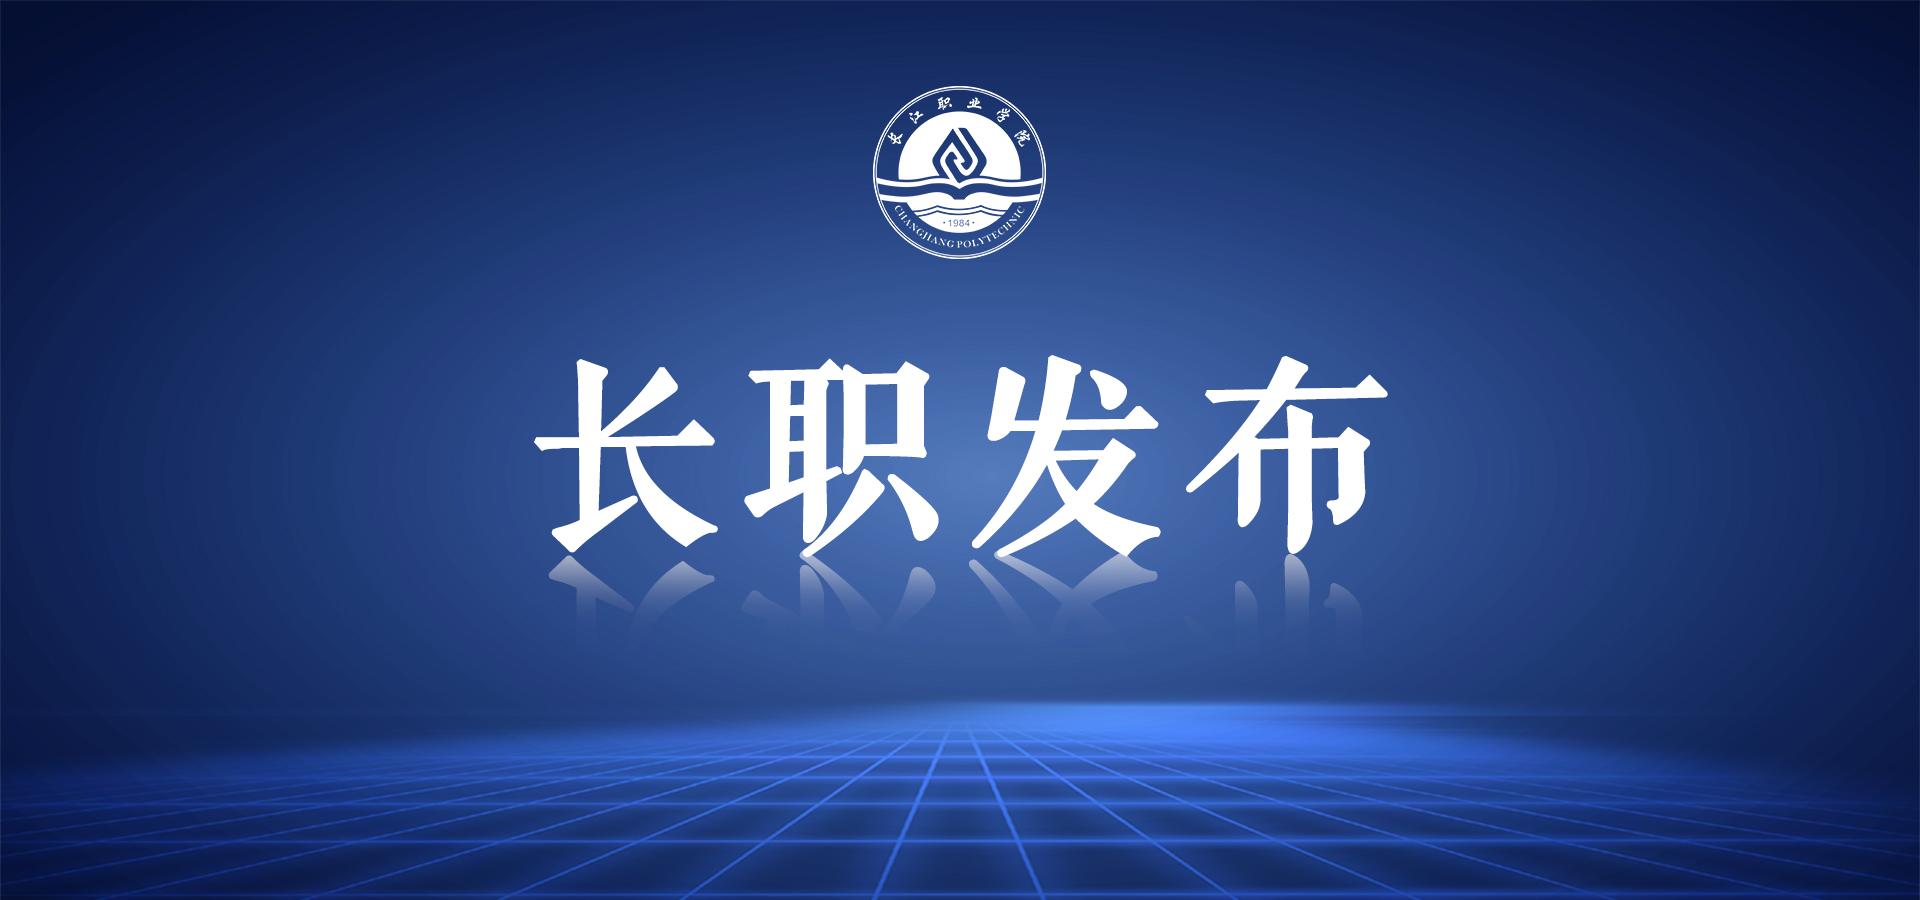 吴昌友任长江职业学院院长